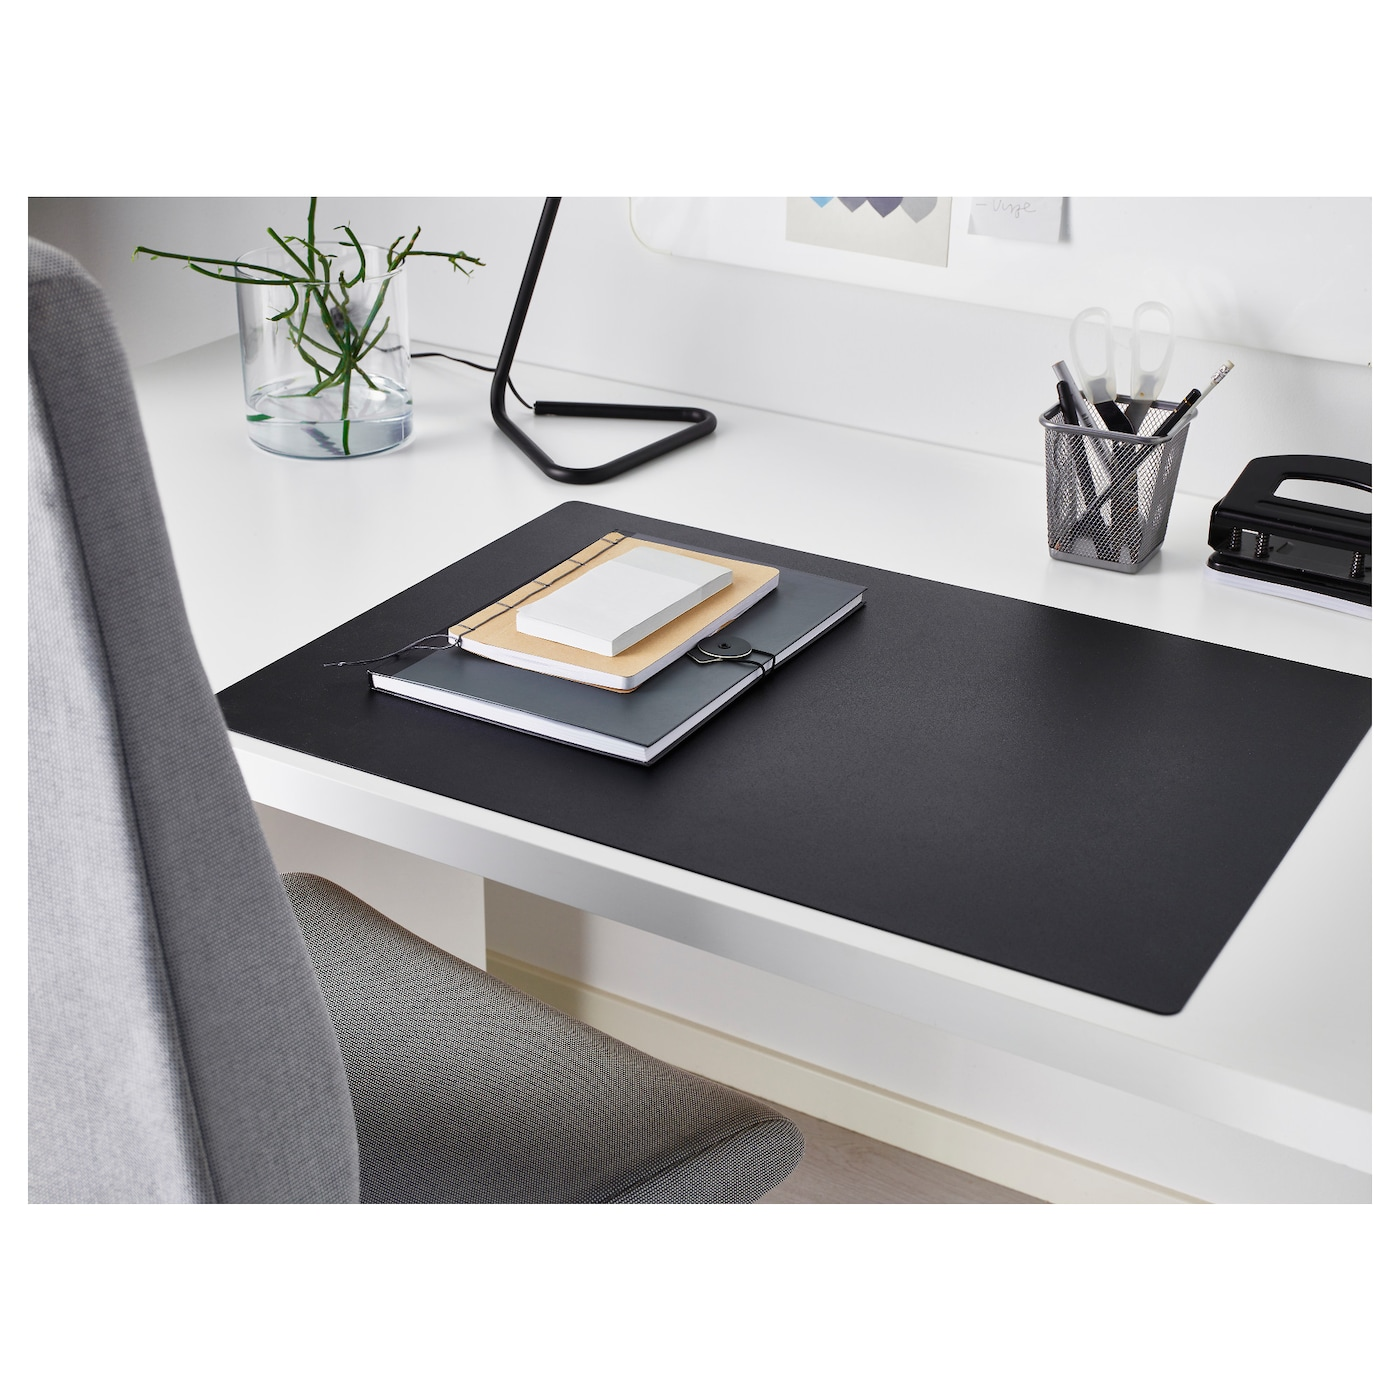 SKRUTT Desk pad, black, 65x45 cm